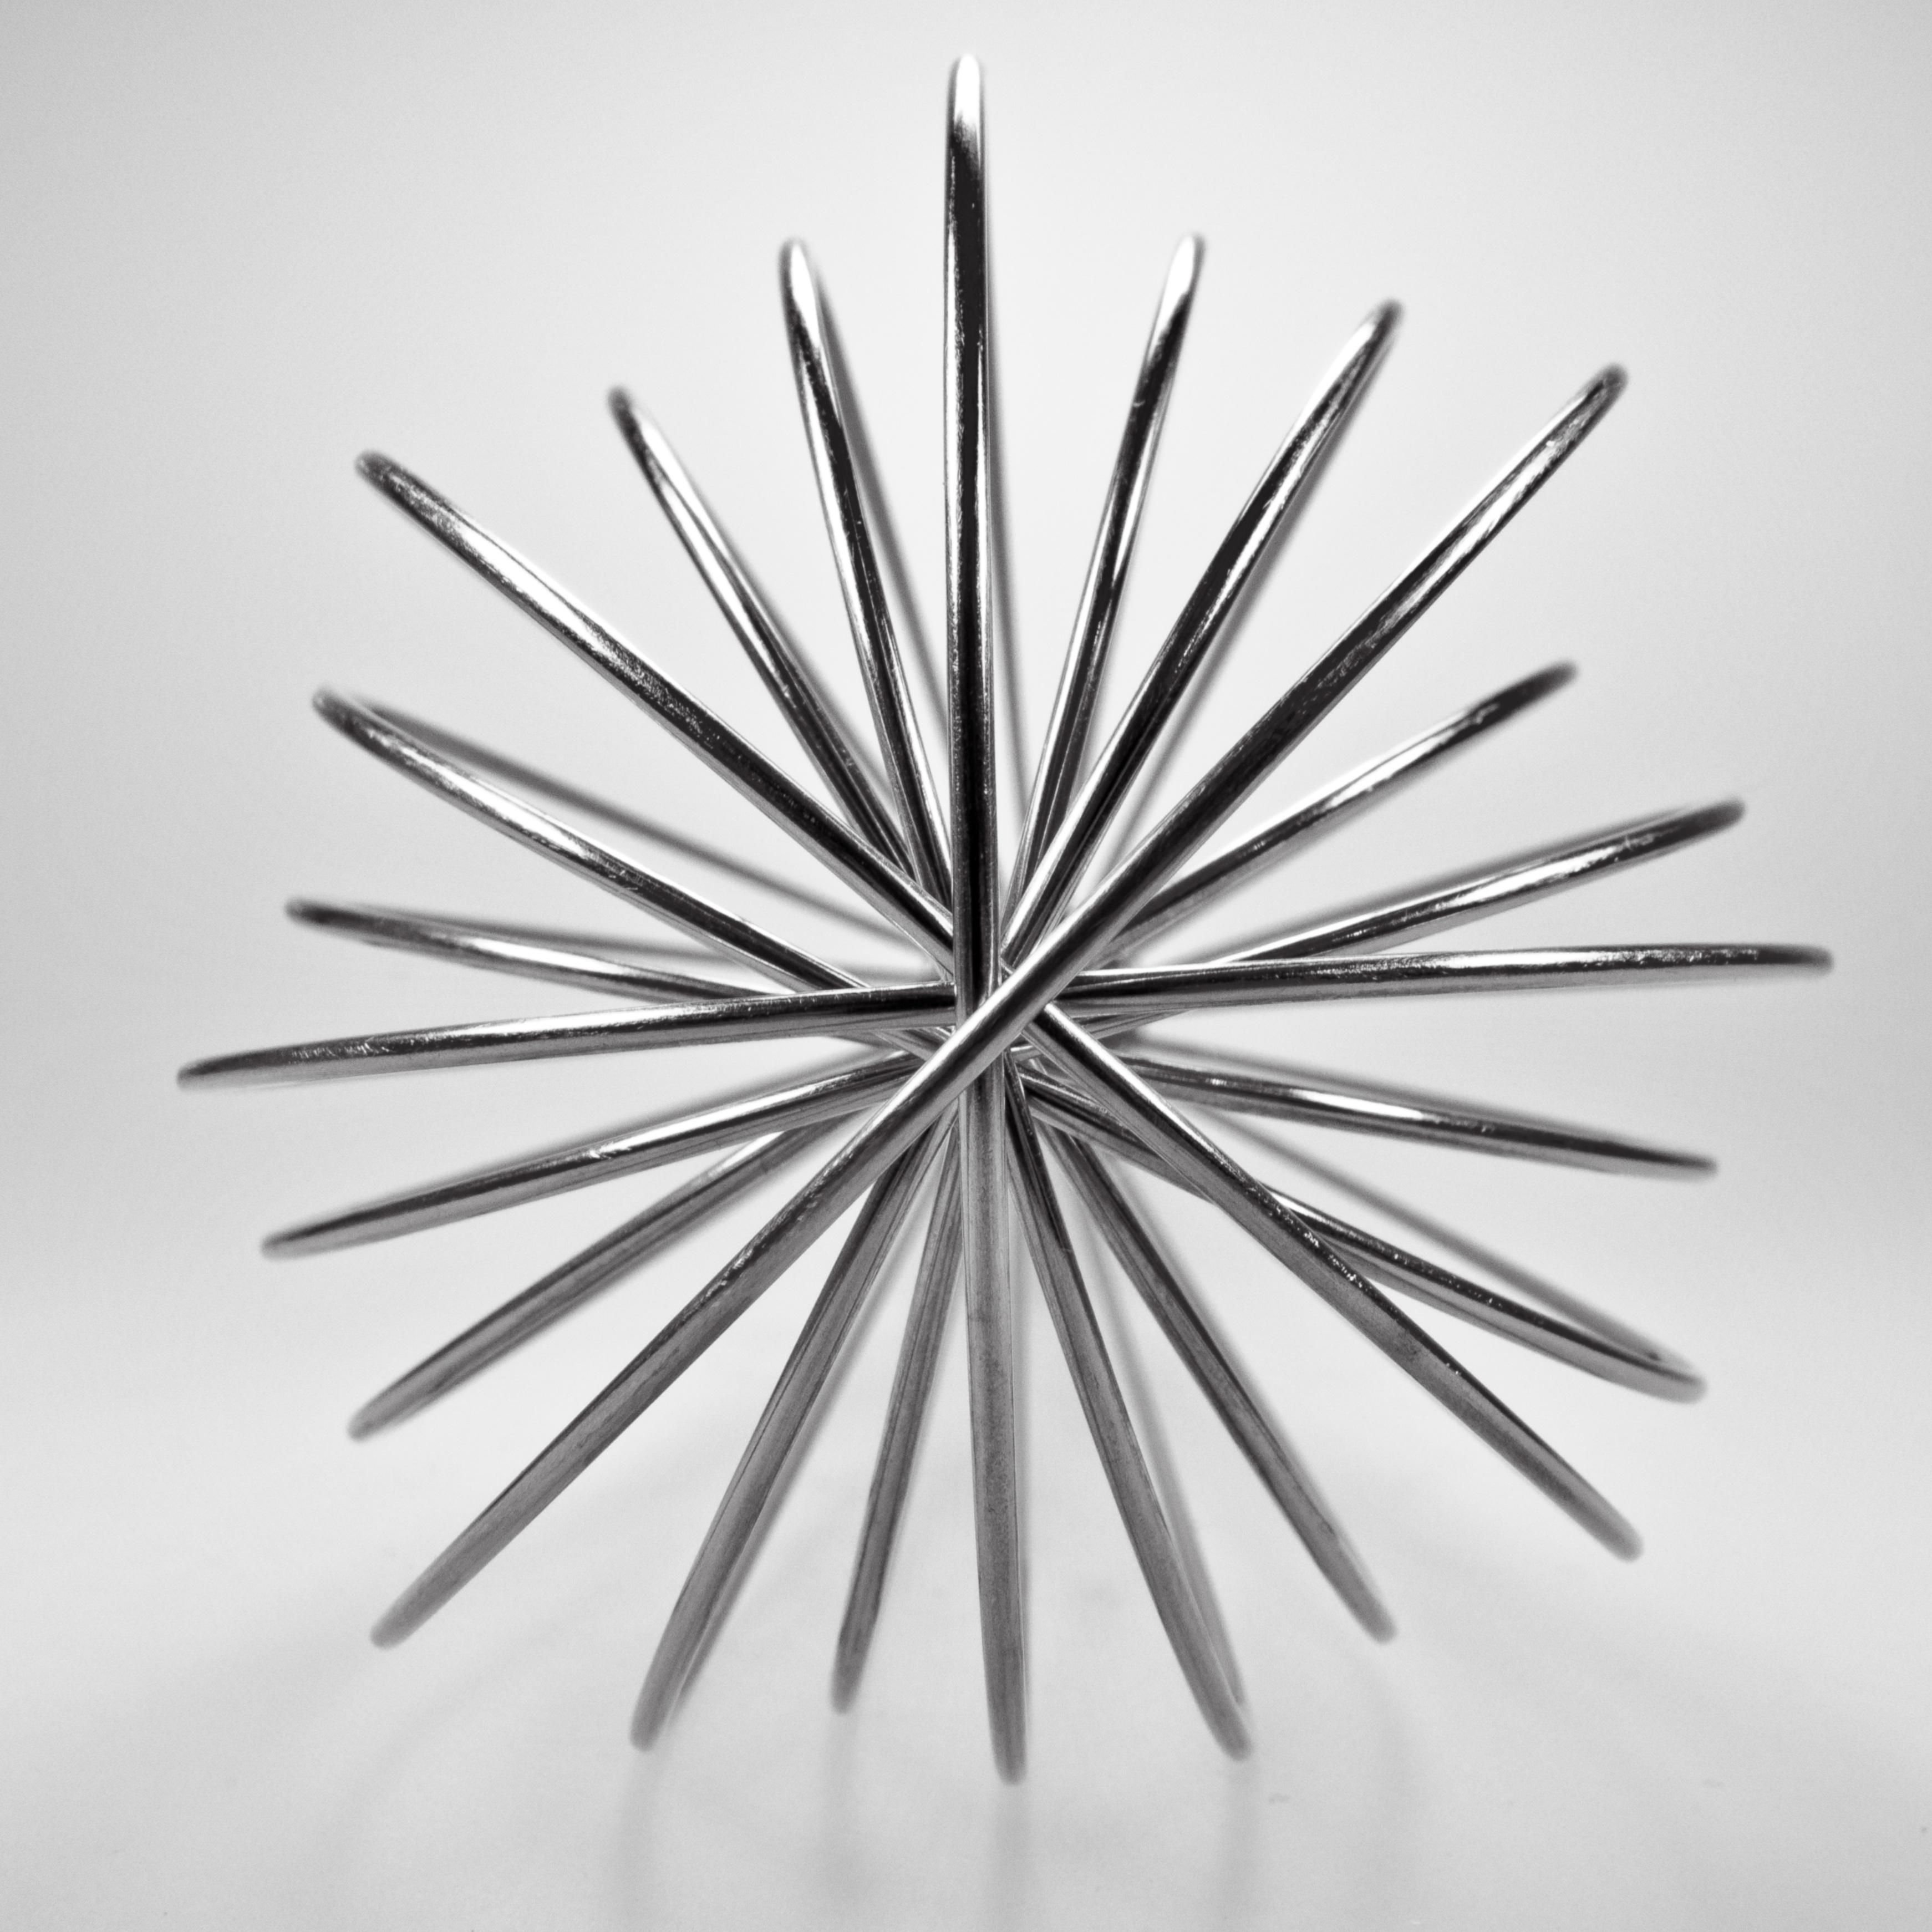 Fotos gratis : rama, en blanco y negro, línea, metal, monocromo ...